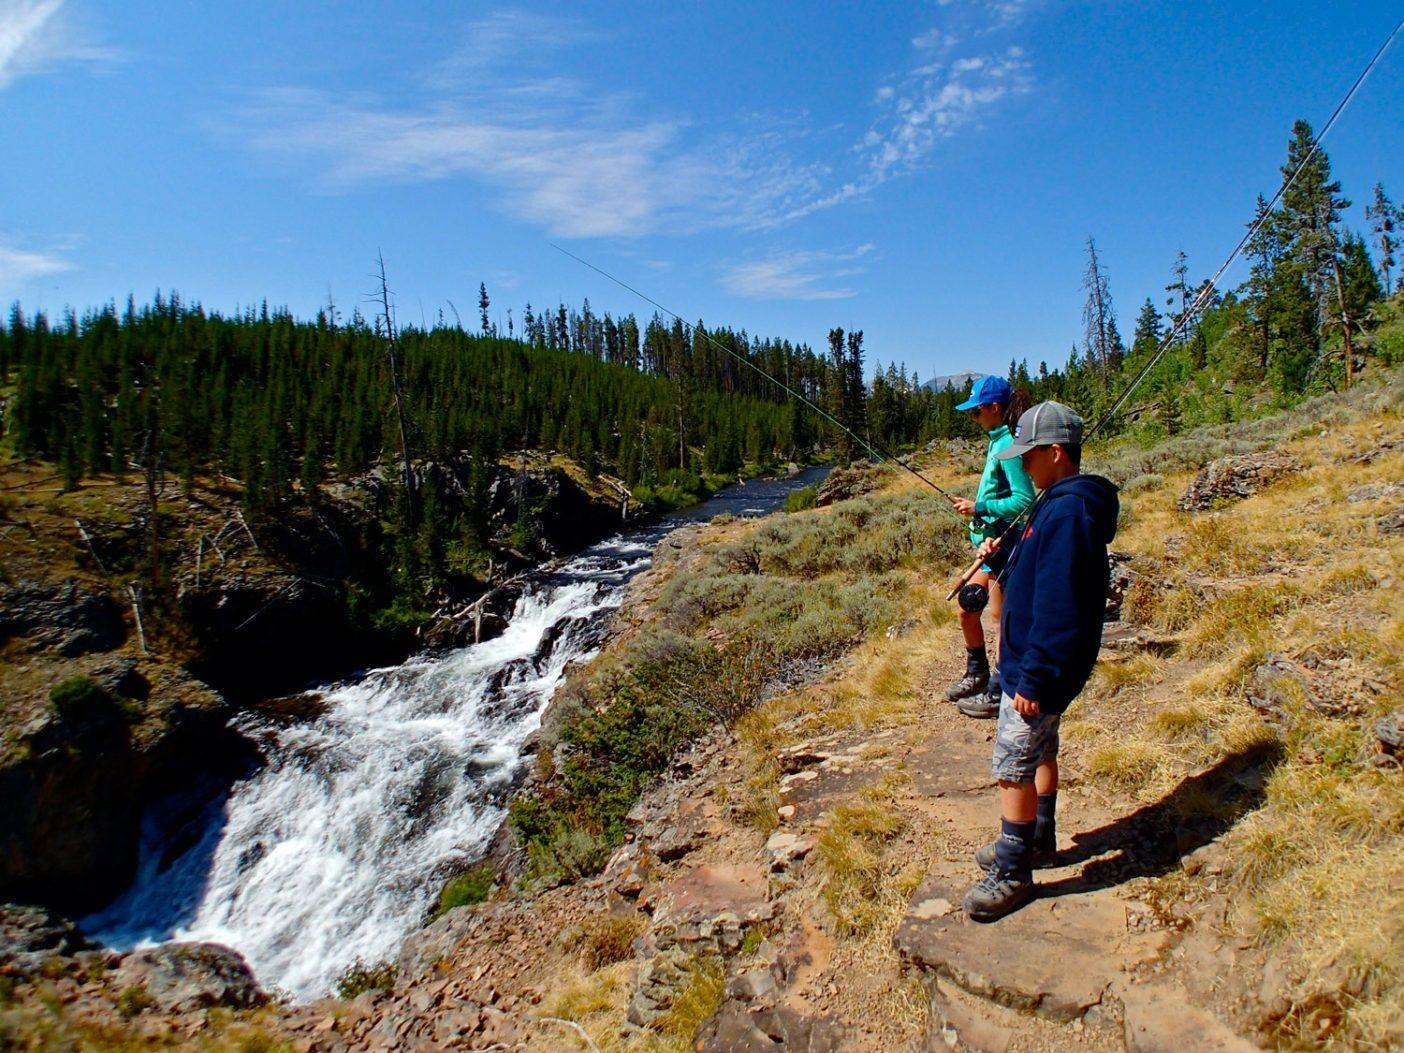 この日は公園内の標高の高い場所をハイキングしながら、伸びた草間を縫って流れる川や滝でブルックトラウトを探しまわった。Photo: Dylan Tomine